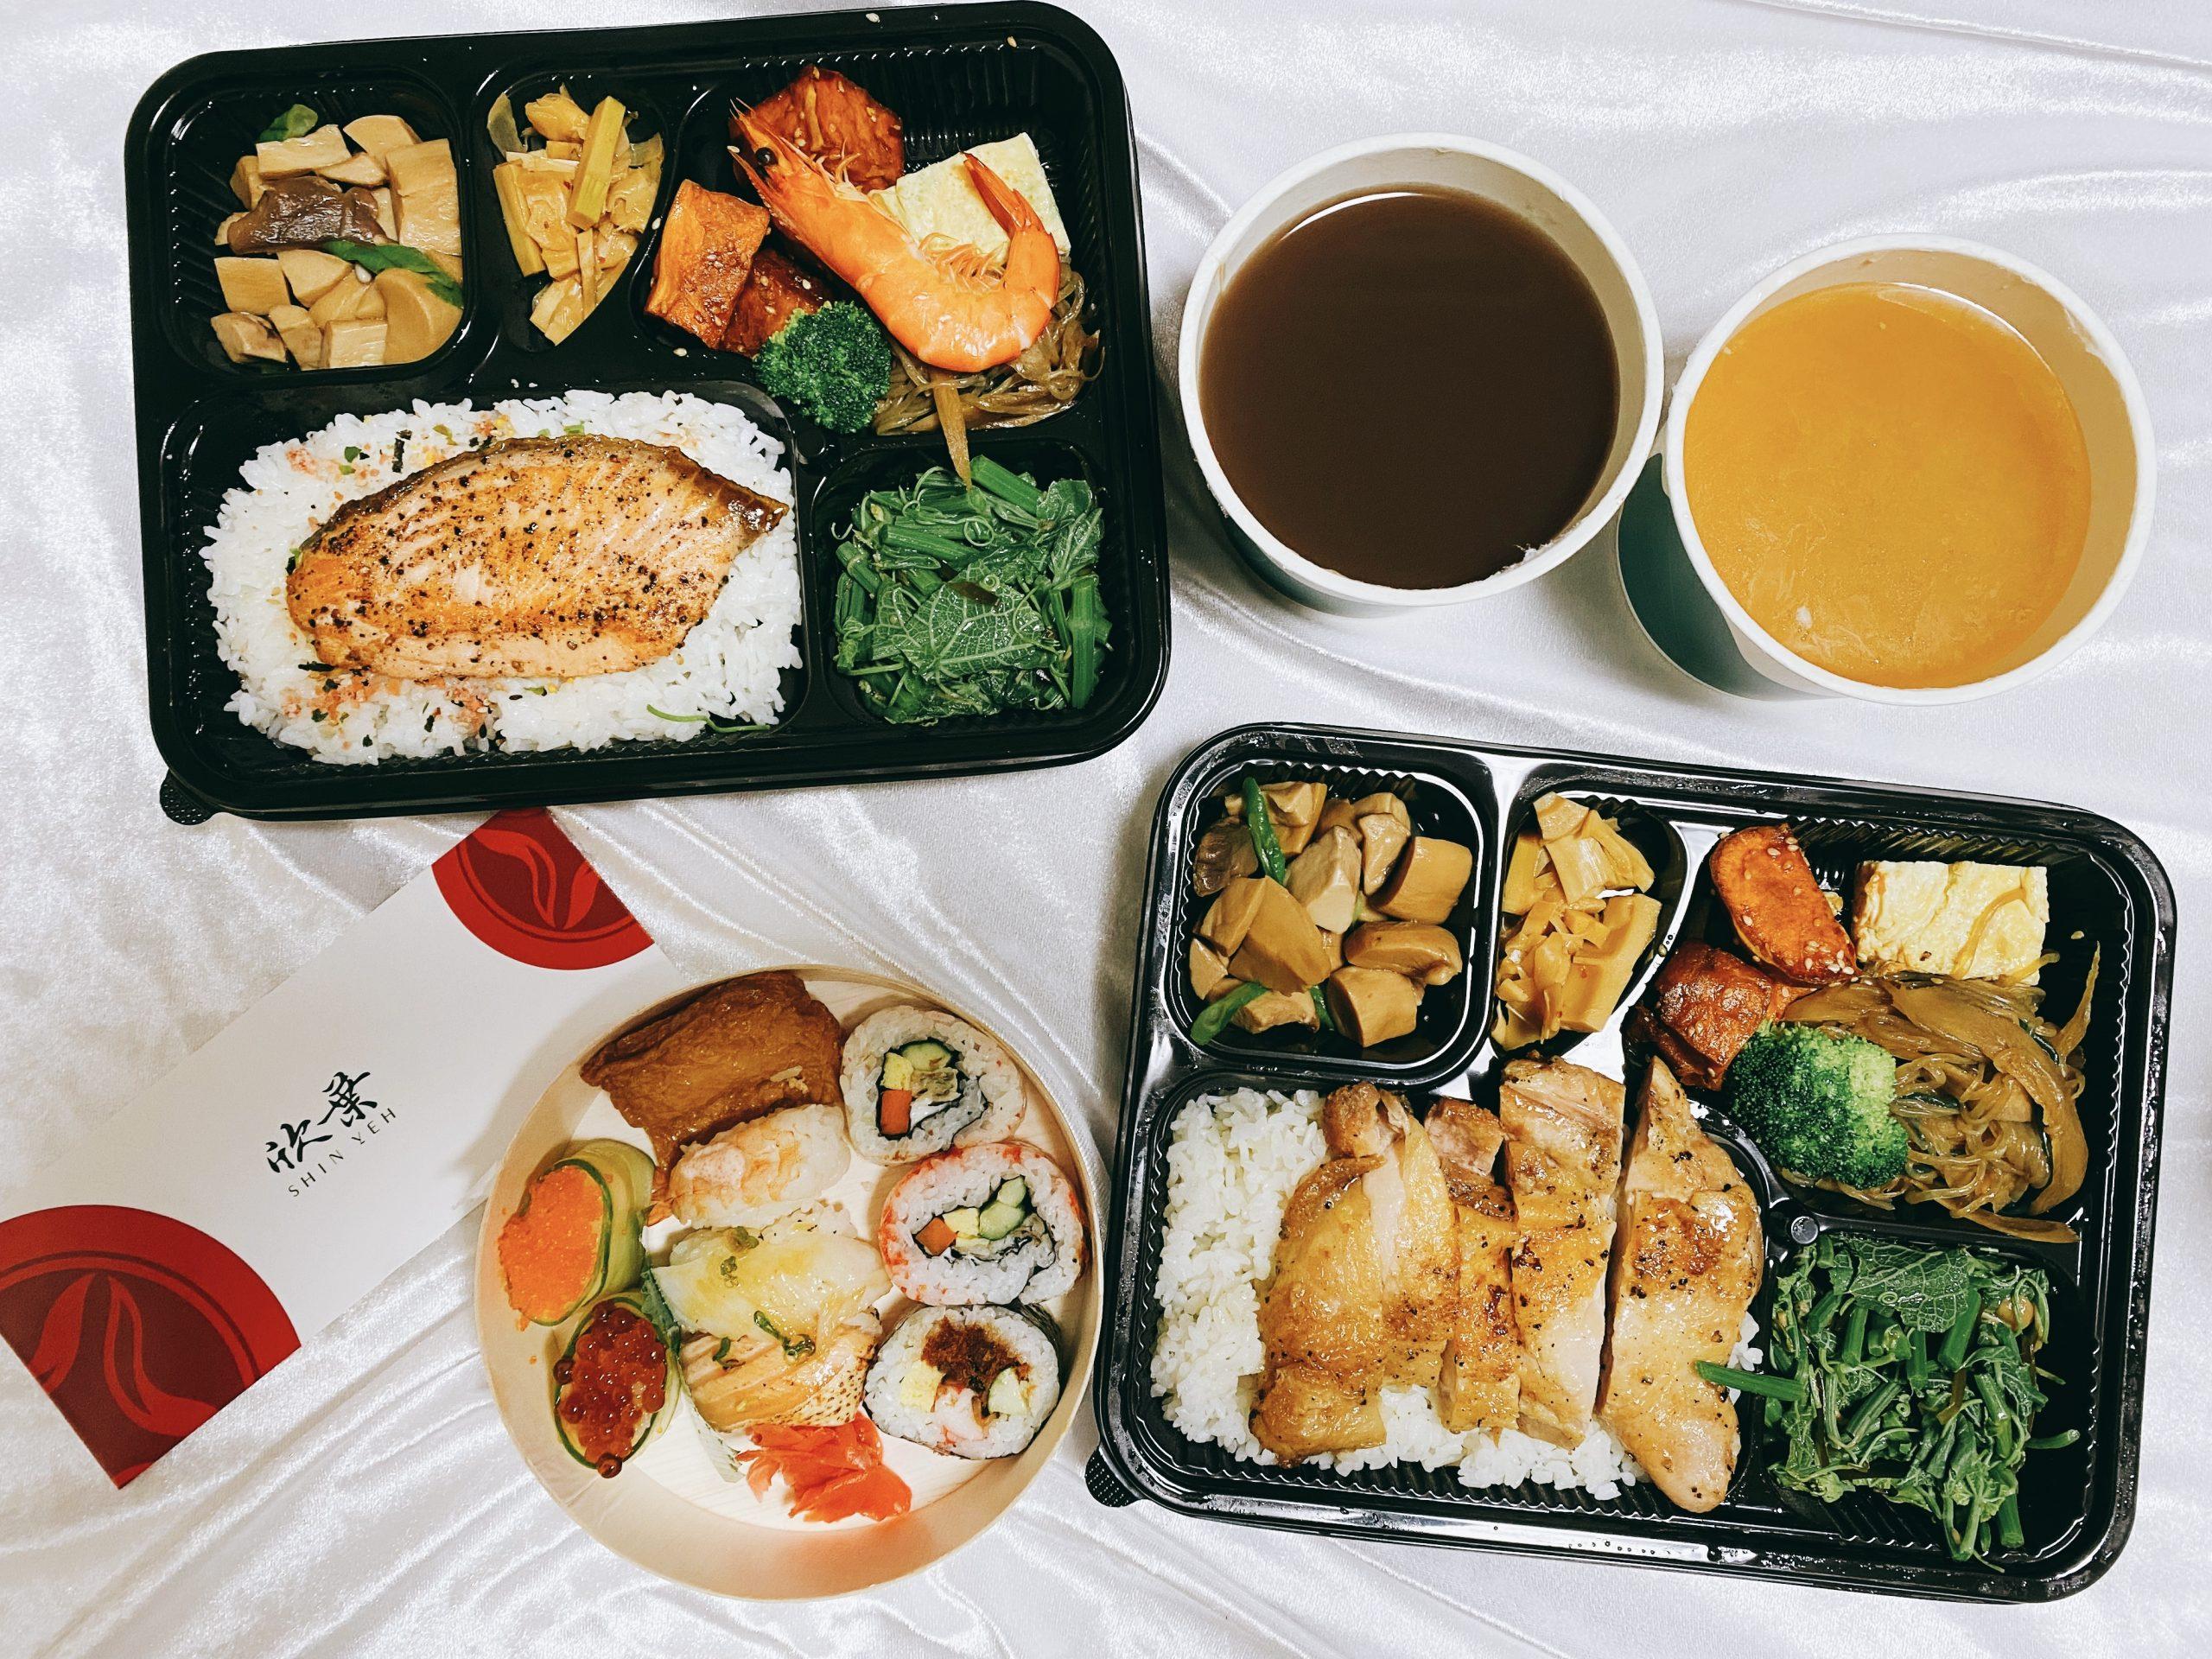 日本料理吃到飽 欣葉日本料理~日式壽司便當外帶89折。內用三款日式定食